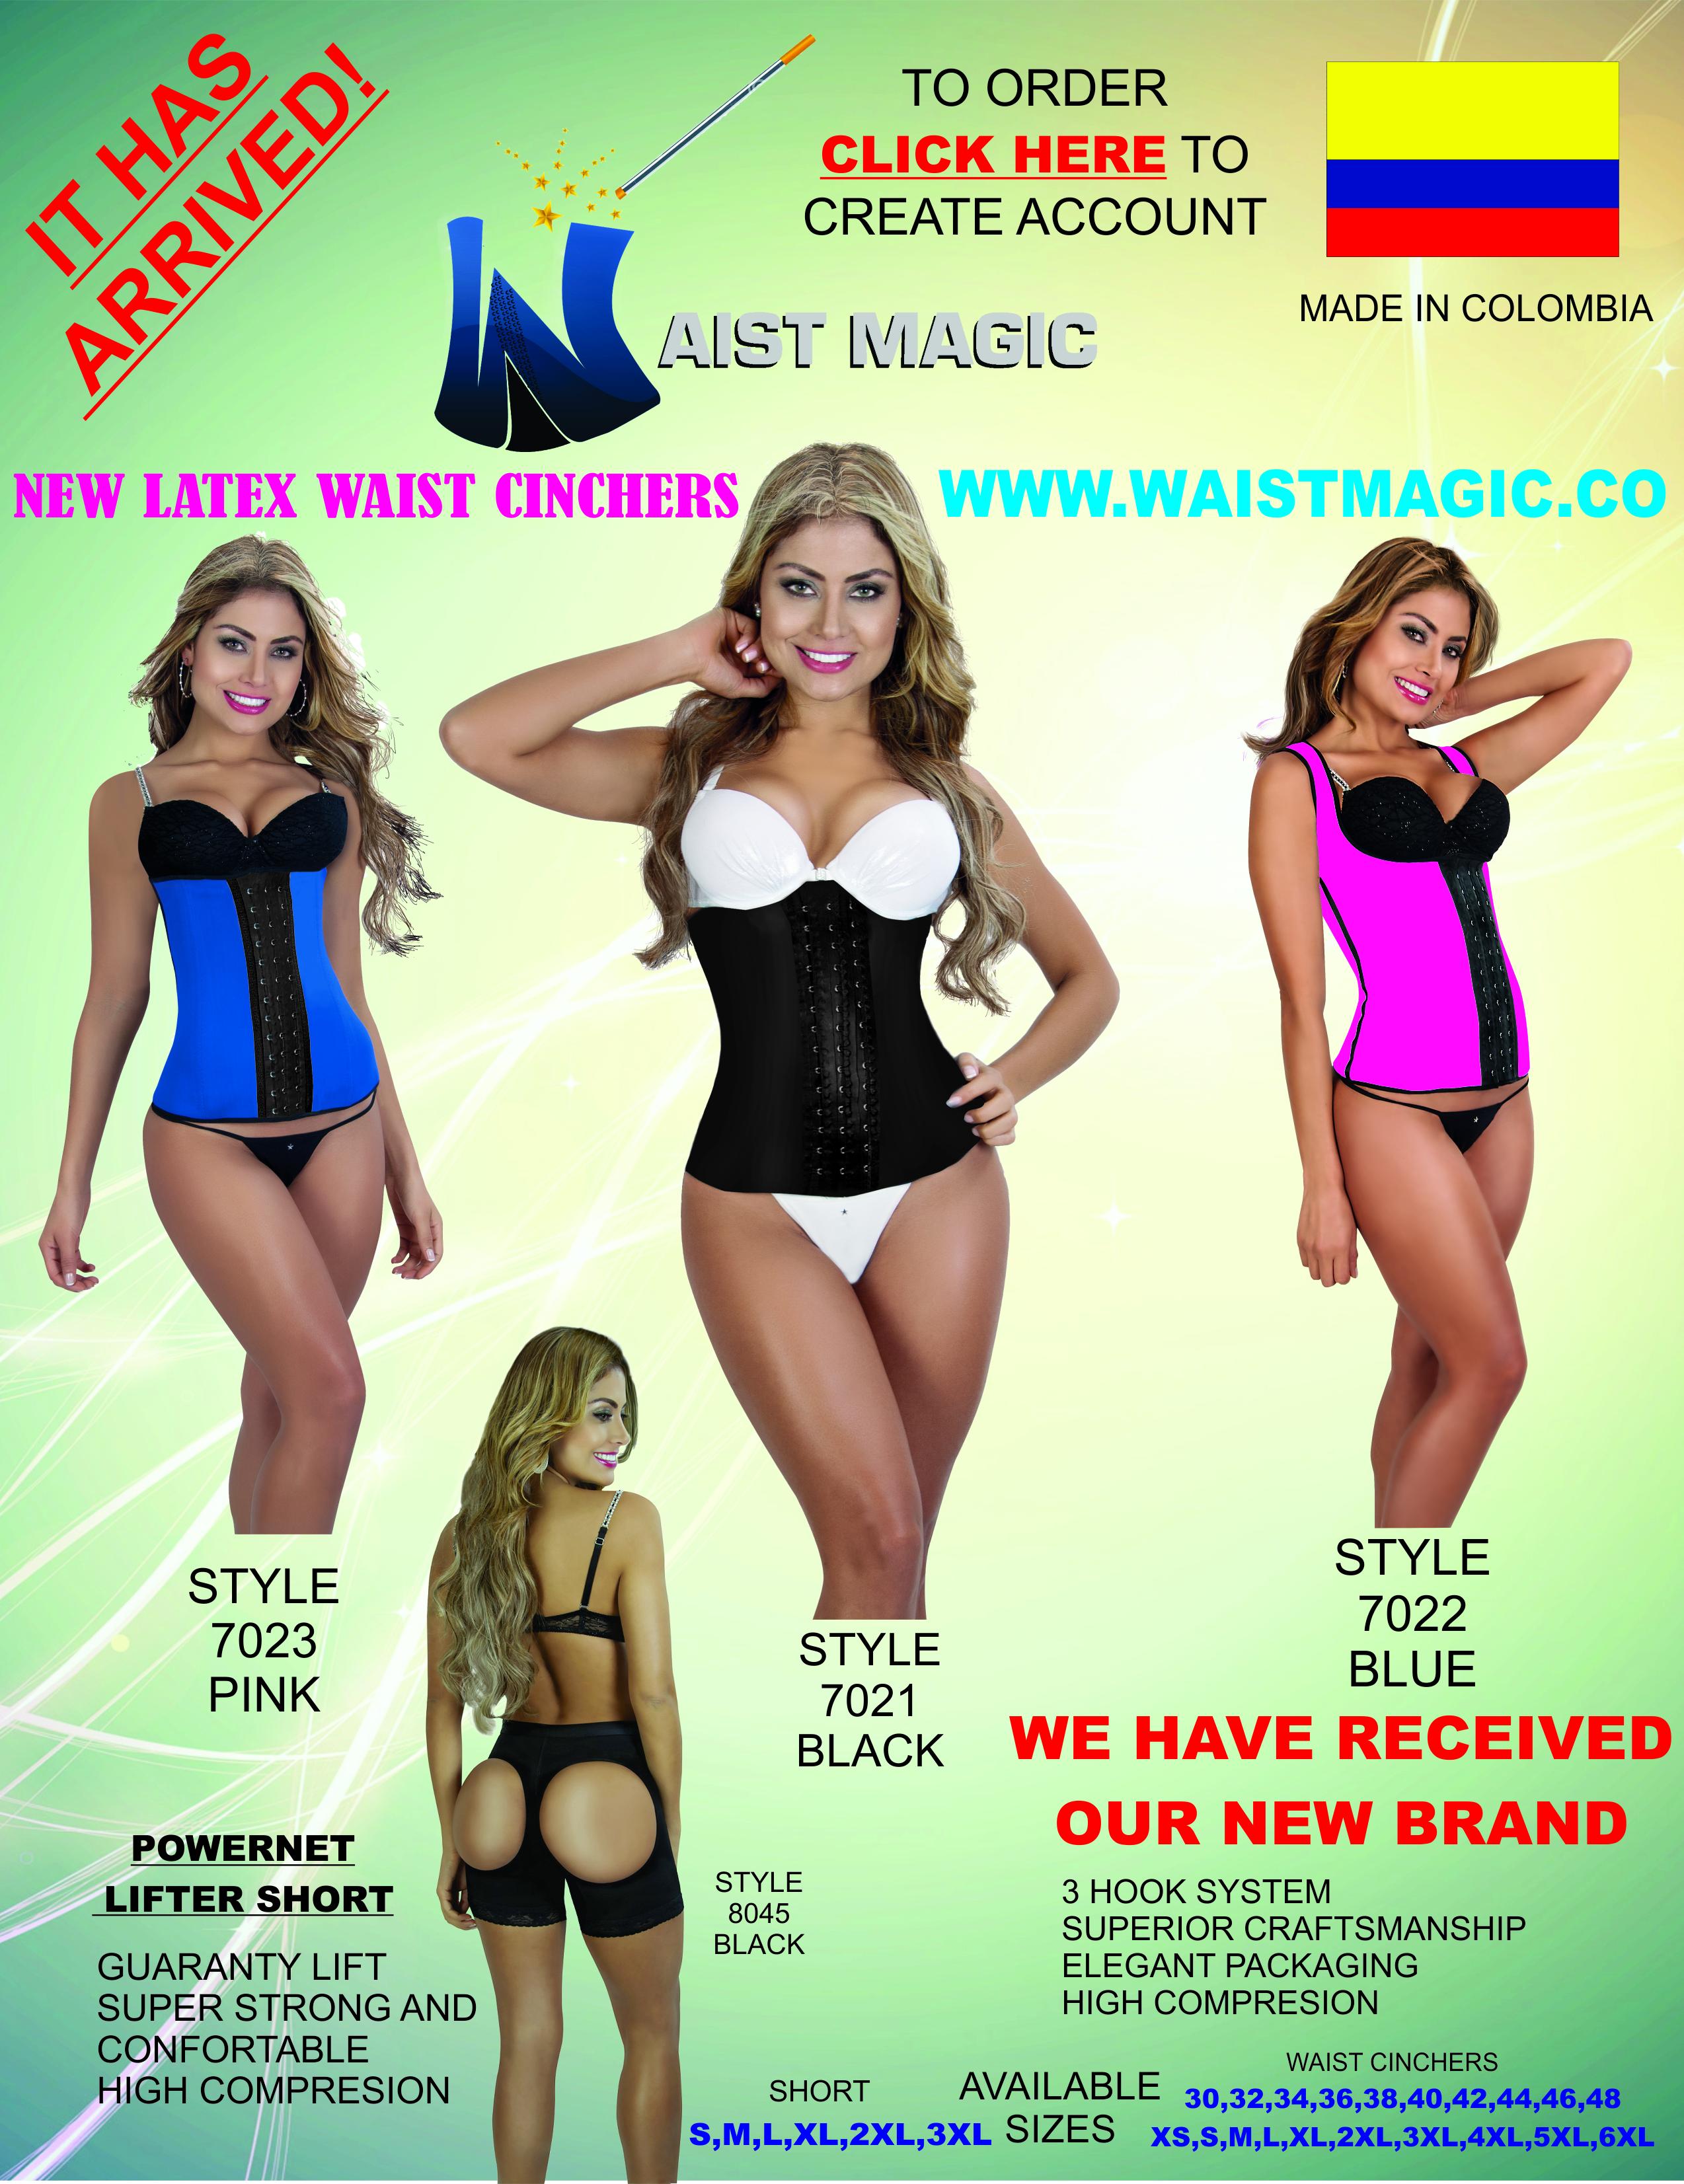 waist-magic-9-27-15.jpg